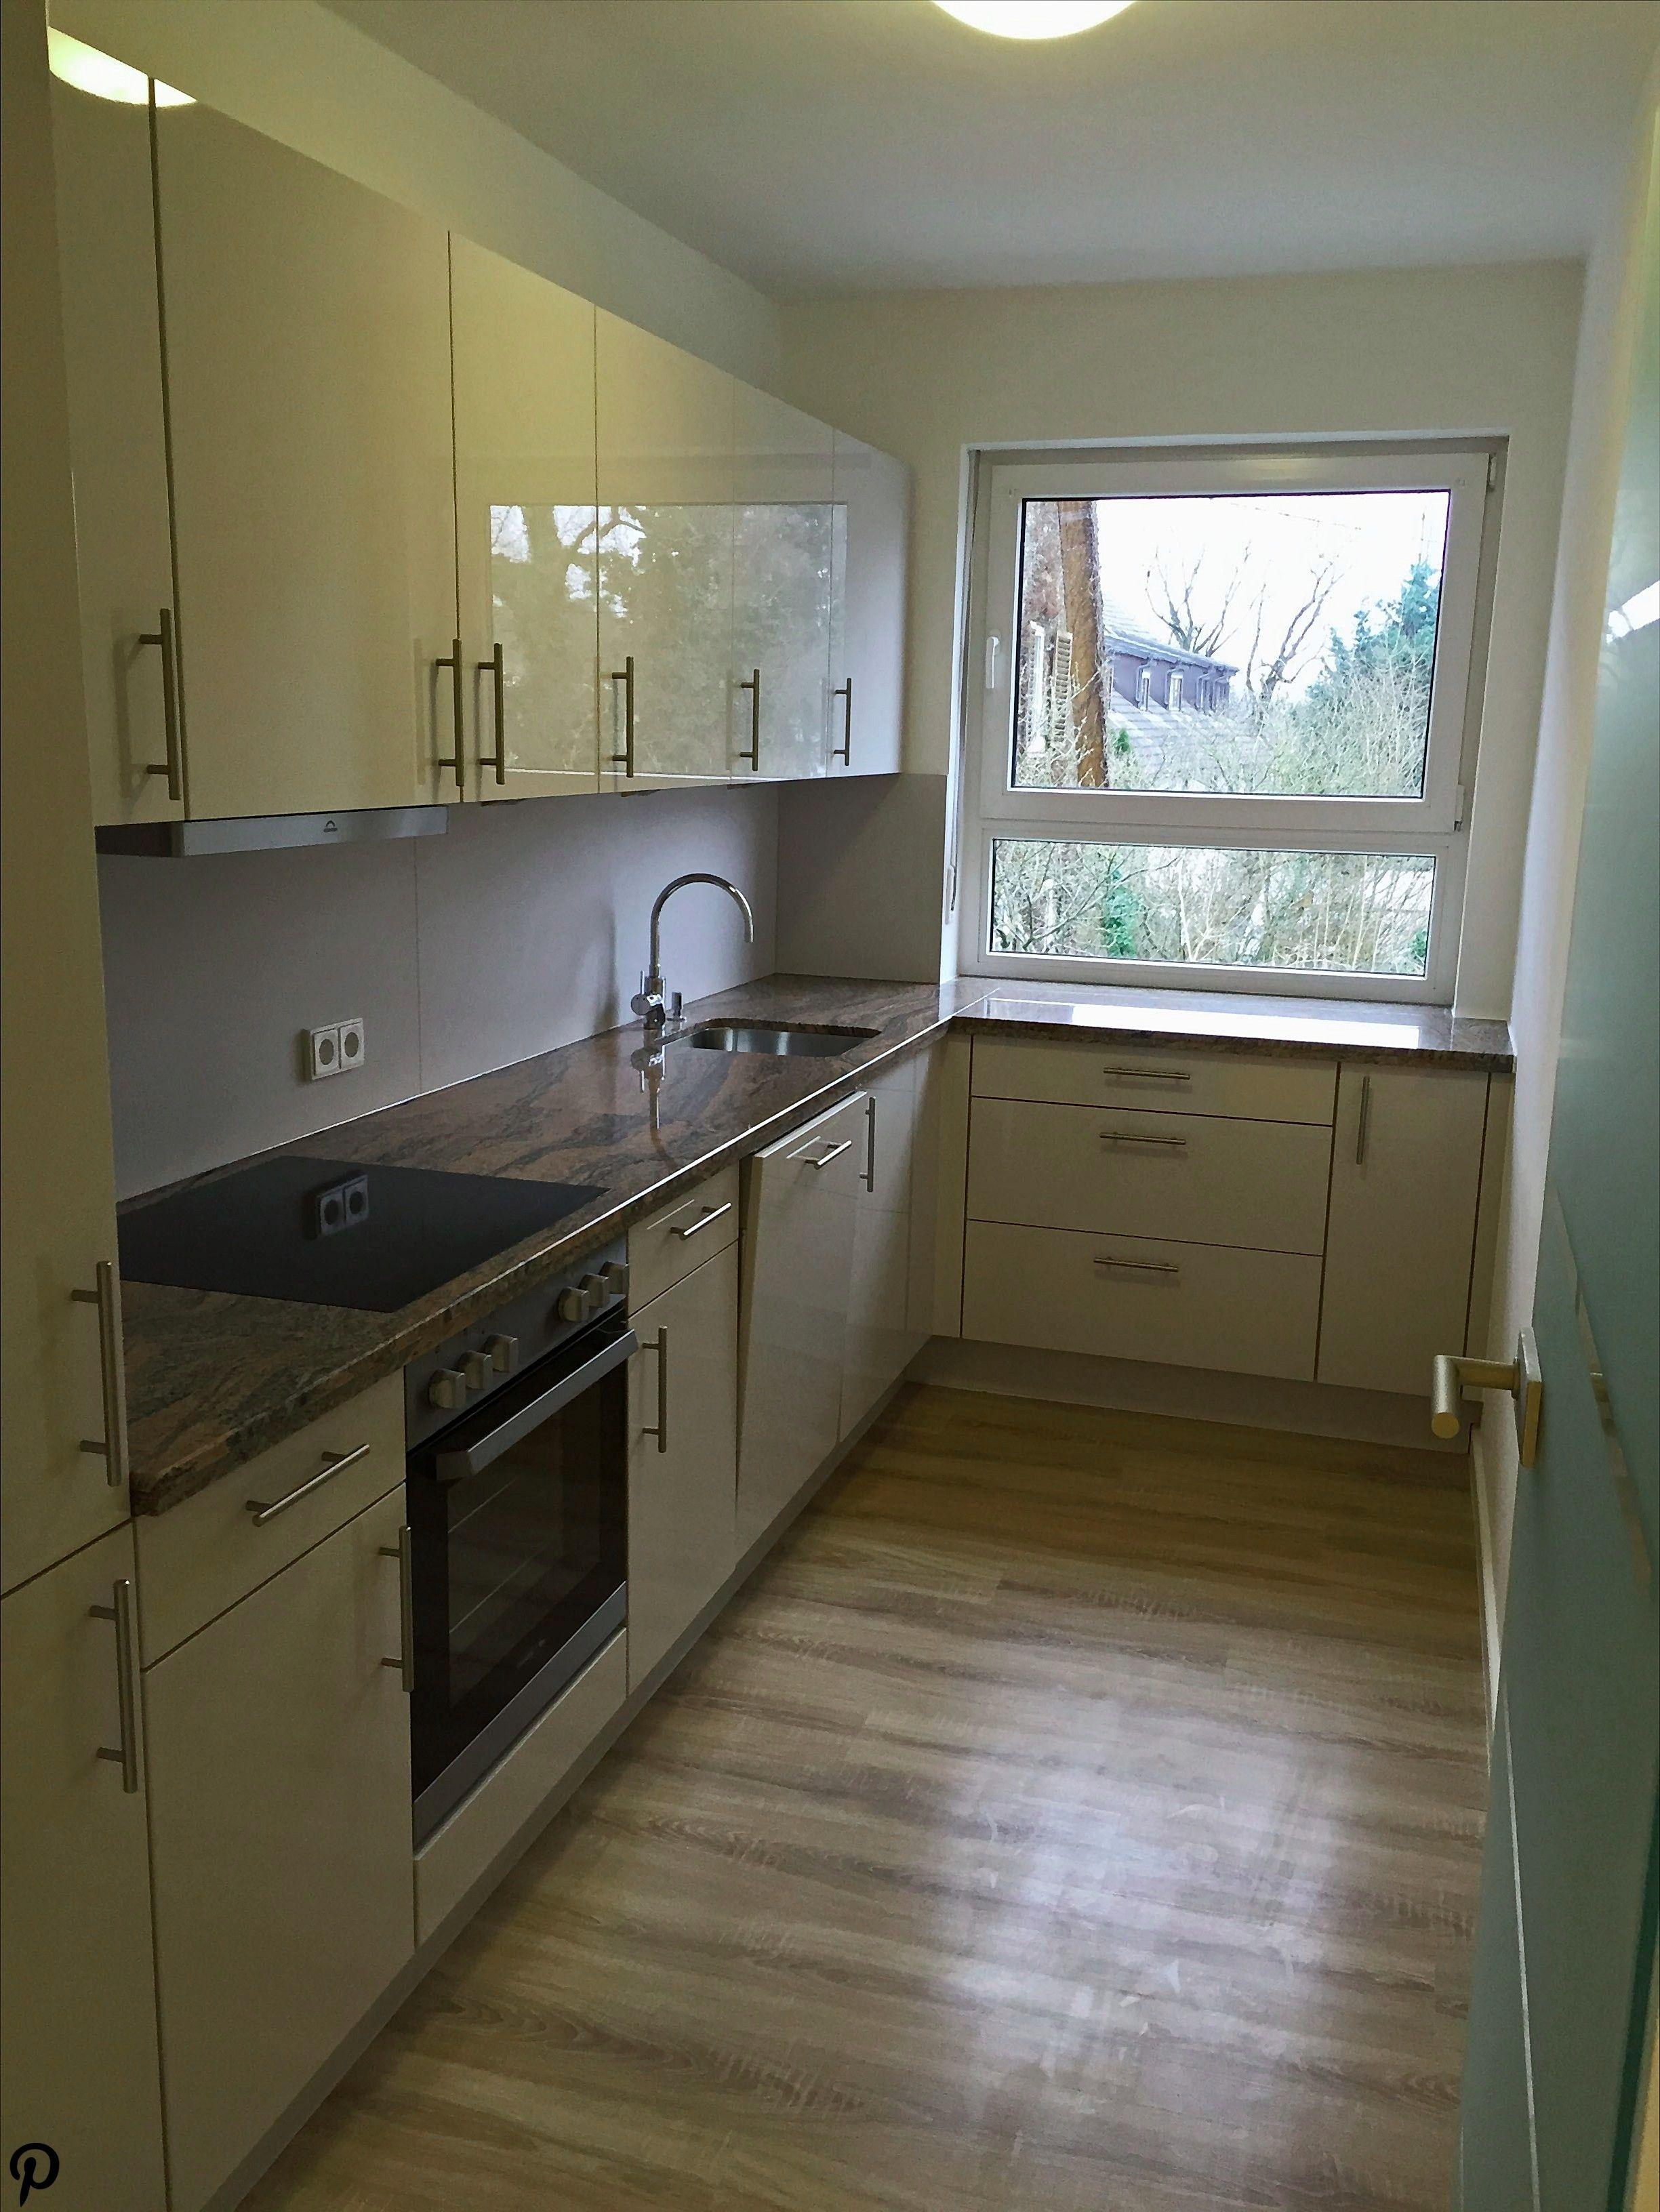 Schicke 3 Zimmer Wohnung Munchen Ihr Immobilienspezialist Innererfrieden Innererfriedenzitat Wohnung Kuche 3 Zimmer Wohnung Haus Deko